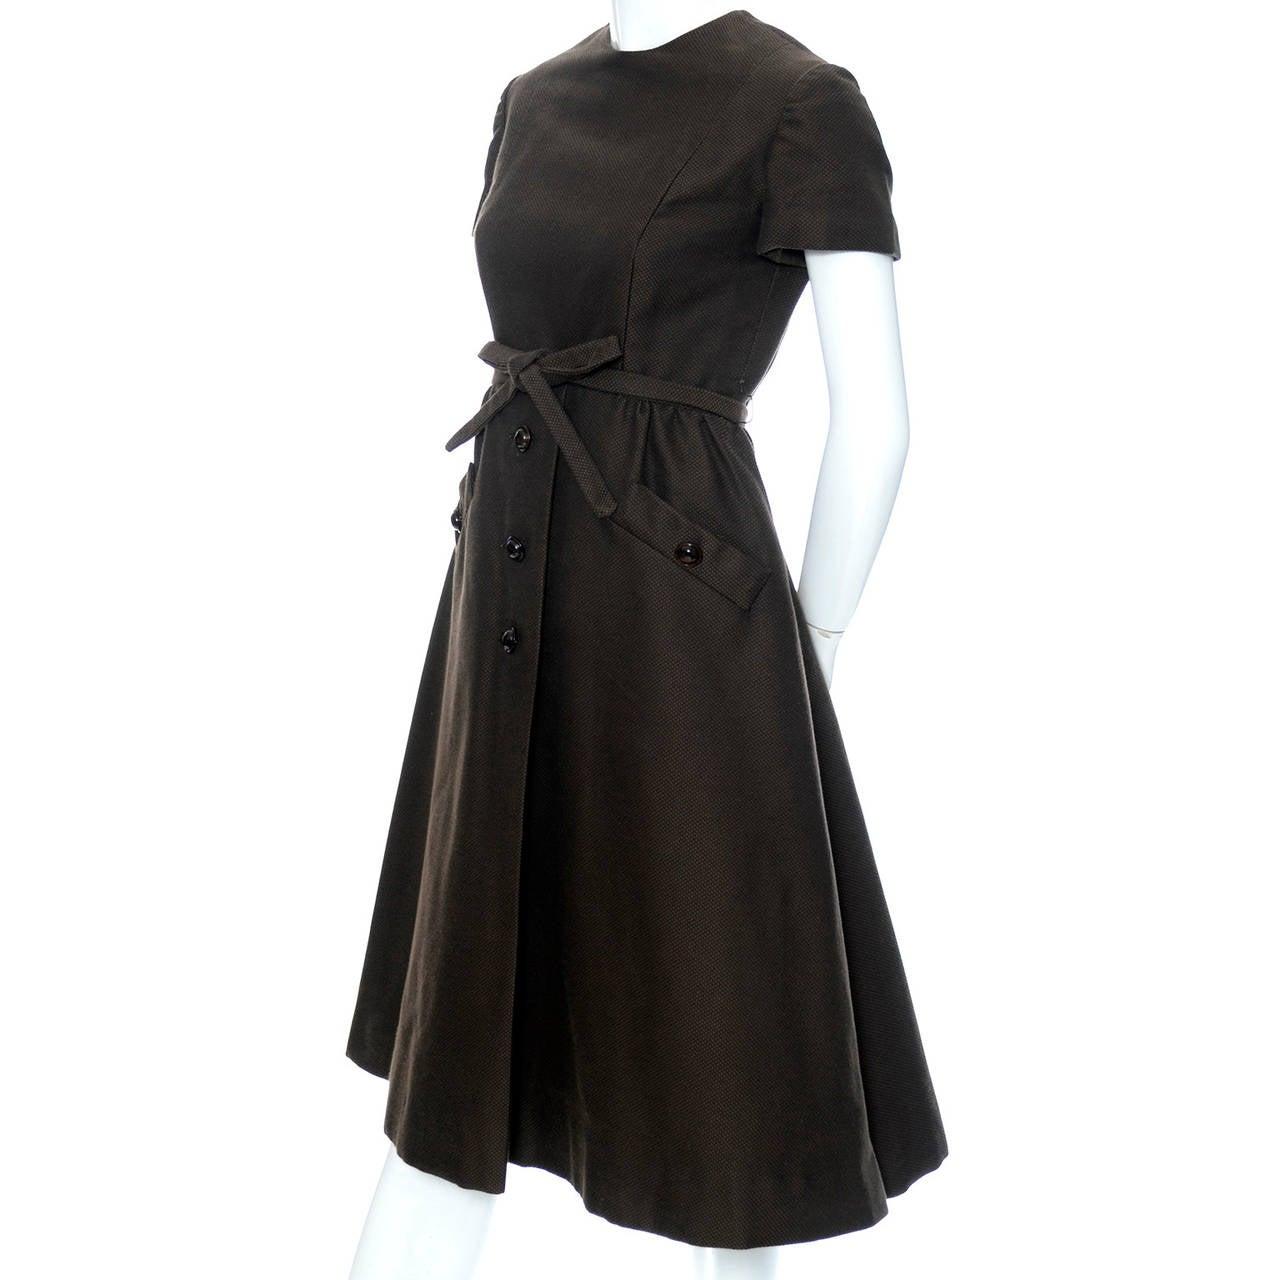 Chocolate Brown Geoffrey Beene 1960s Mod Vintage Dress Pockets Belt 2